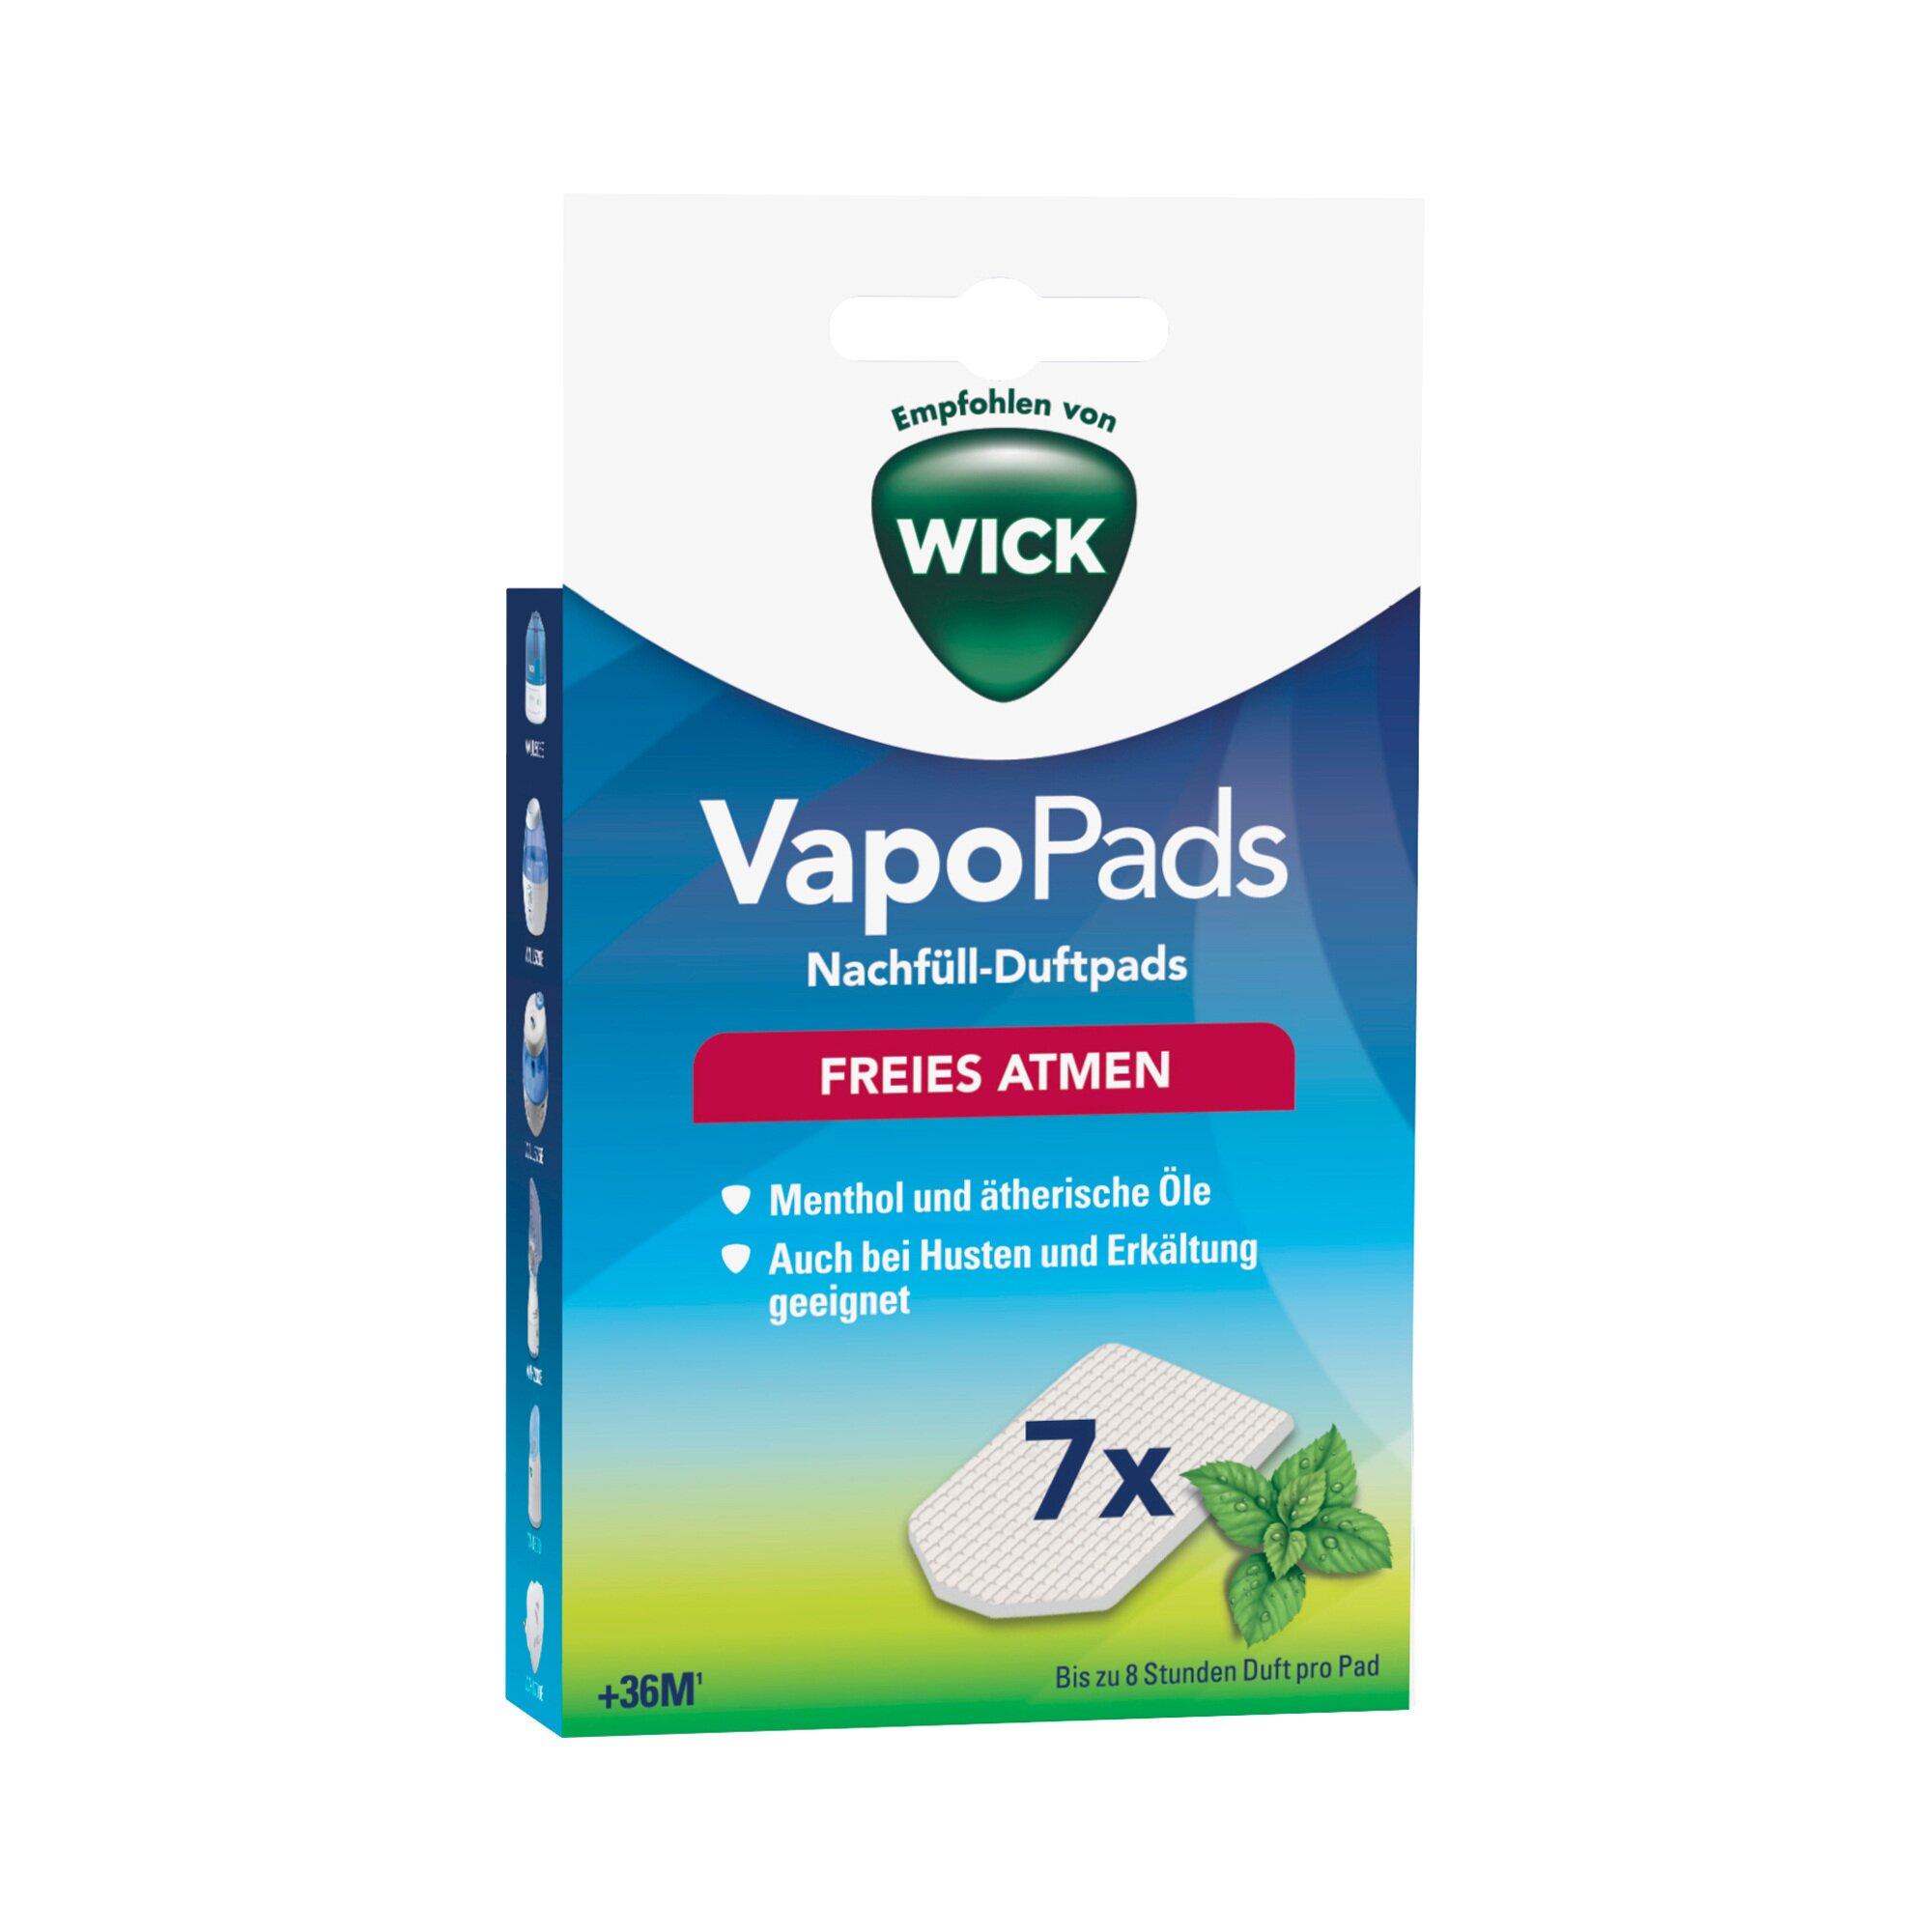 Wick VapoPads Menthol